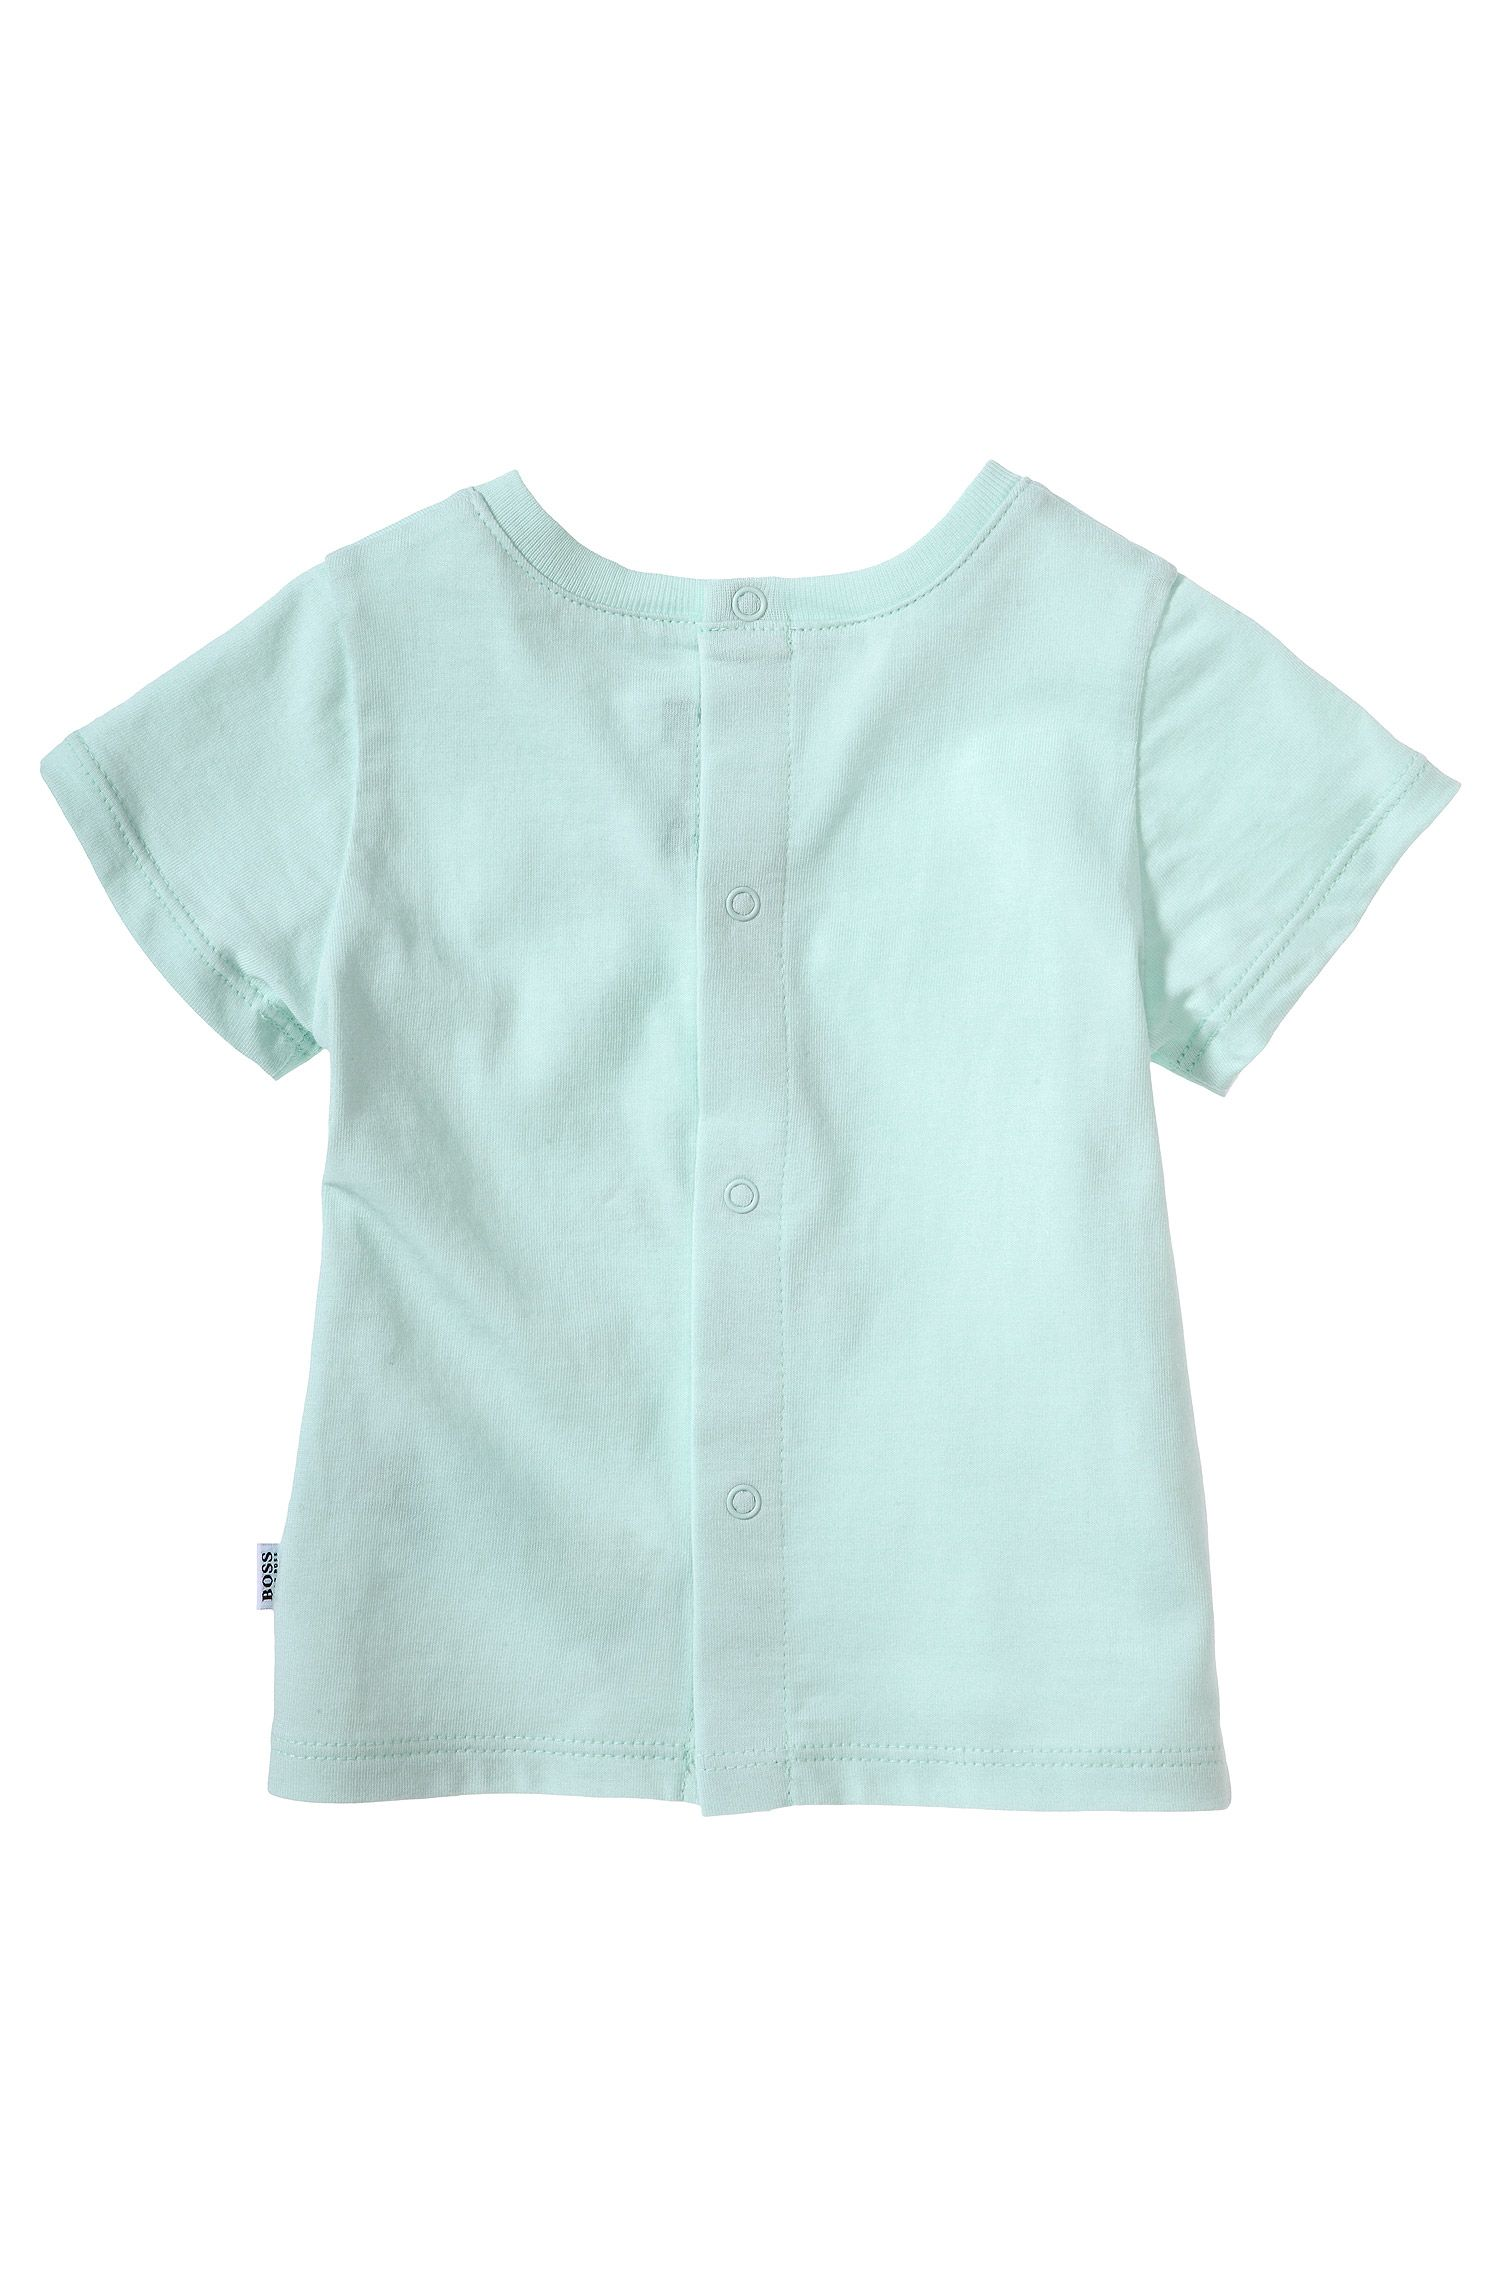 T-shirt pour enfants «J95145» en coton